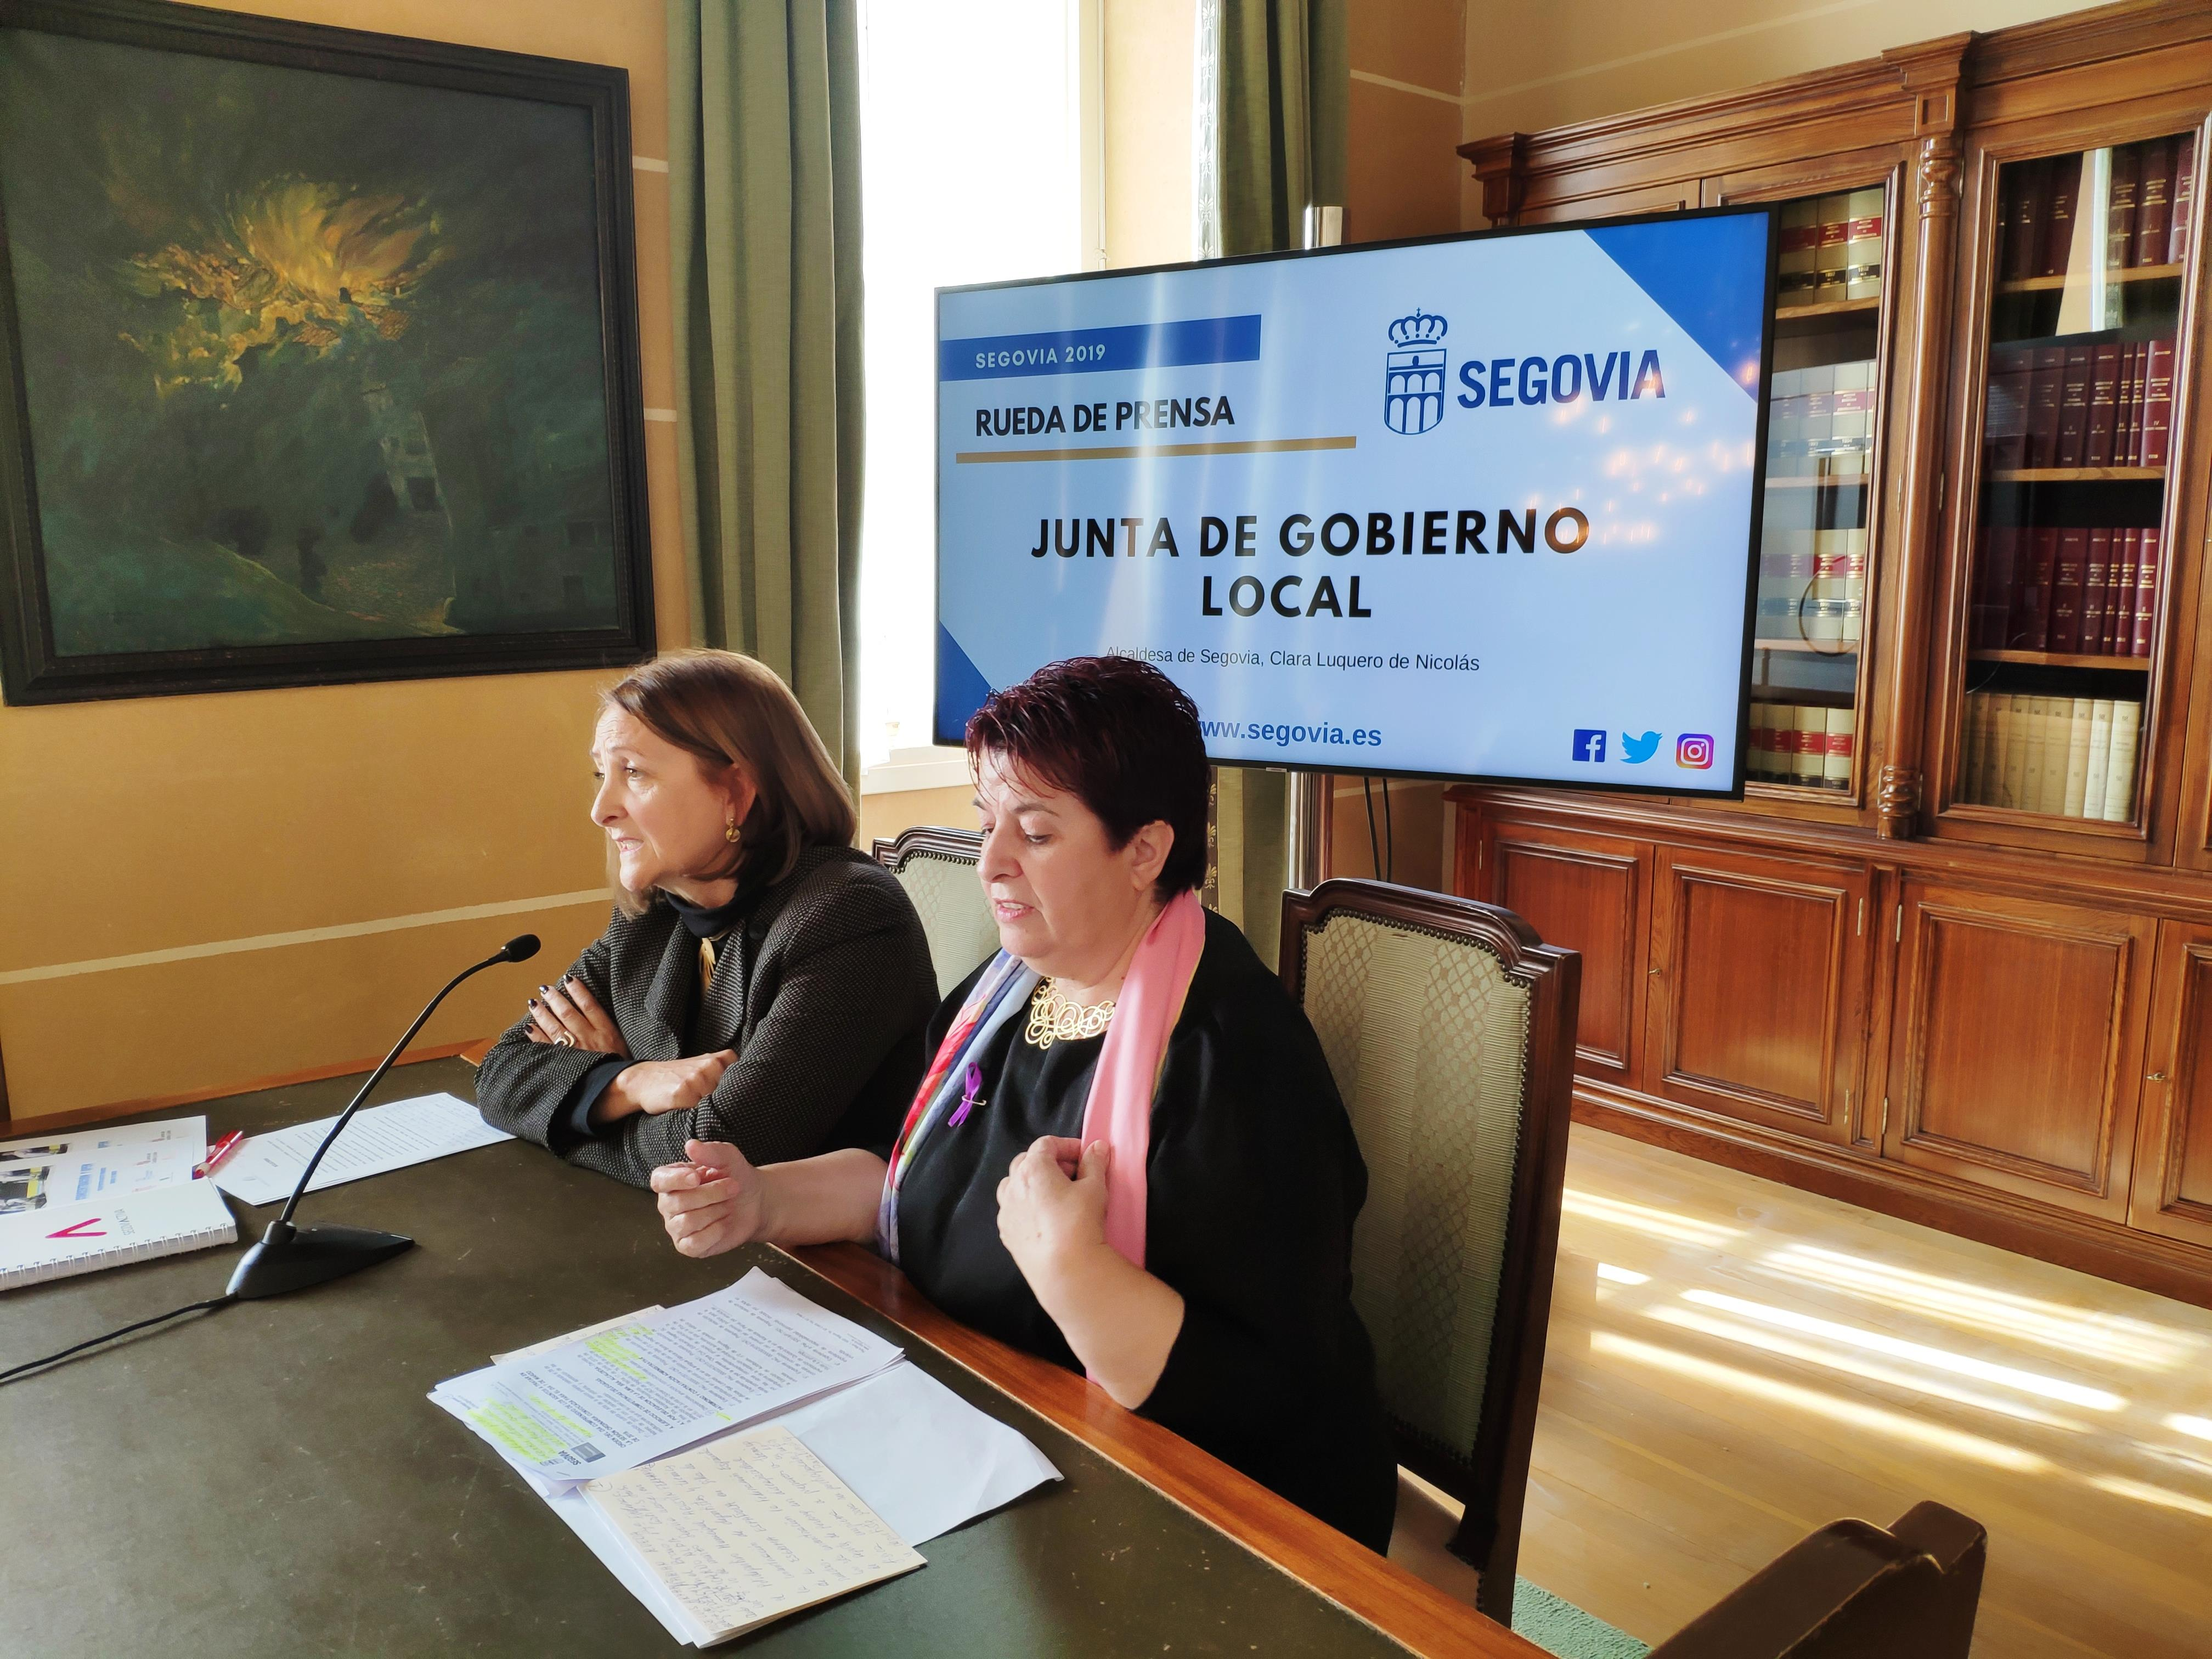 La Junta Rectora del IMD rechaza la iniciativa del Equipo de Gobierno de poder dotar a la ciudad de una Casa del Deporte